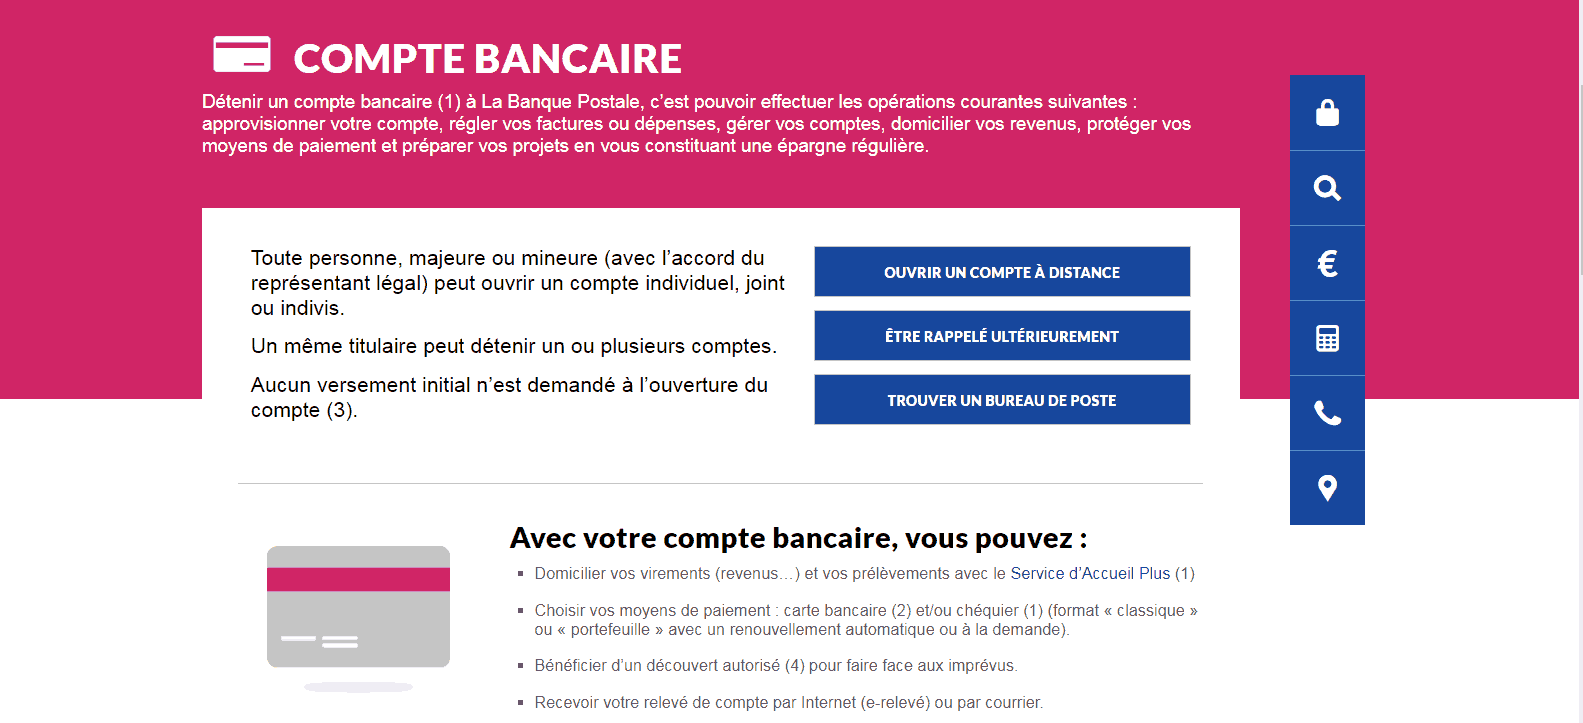 La Poste Carte Bancaire